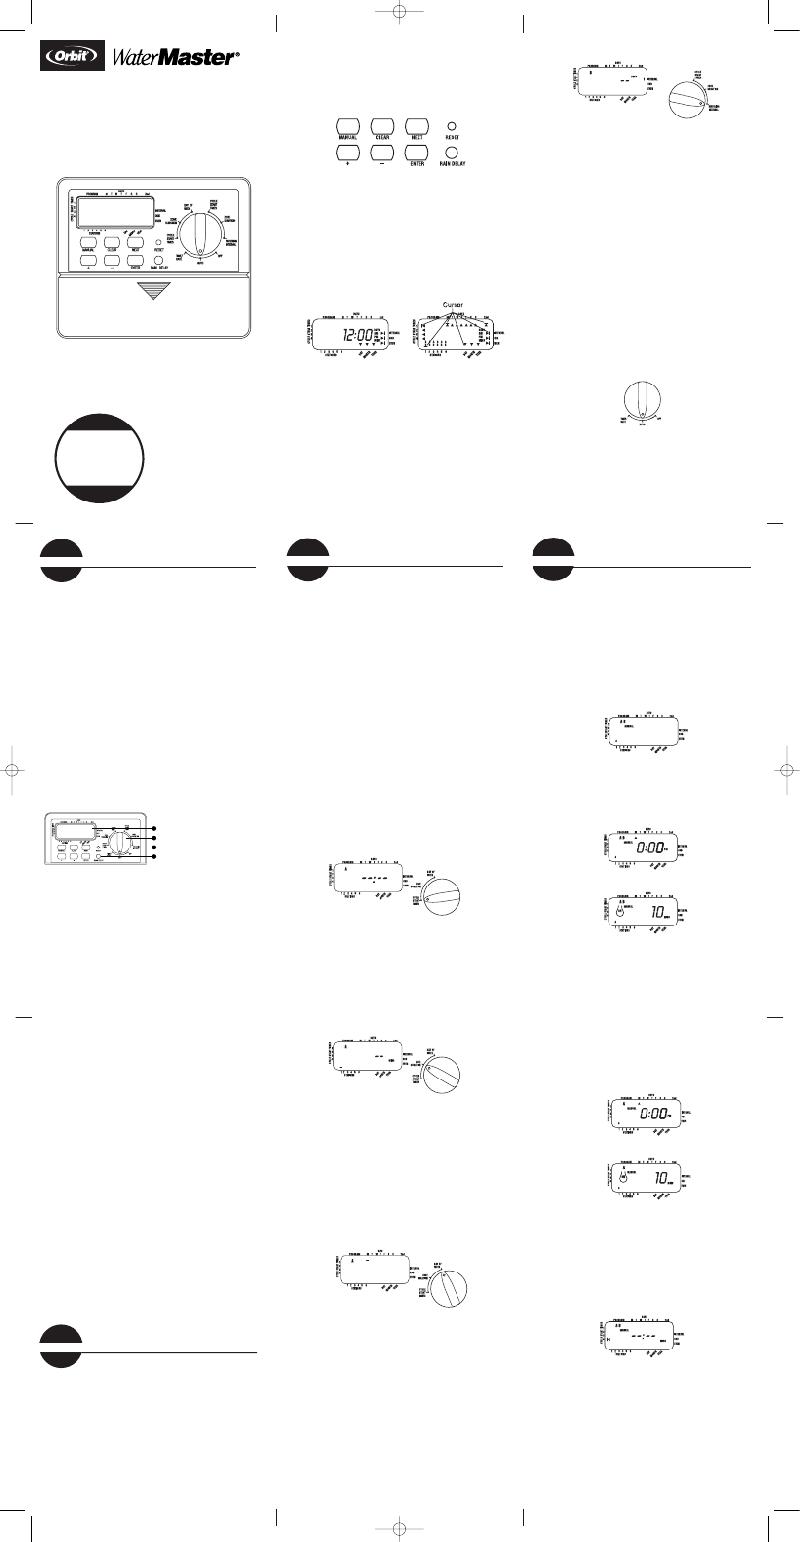 Orbit WaterMaster 94126 Timer Installation manual PDF View